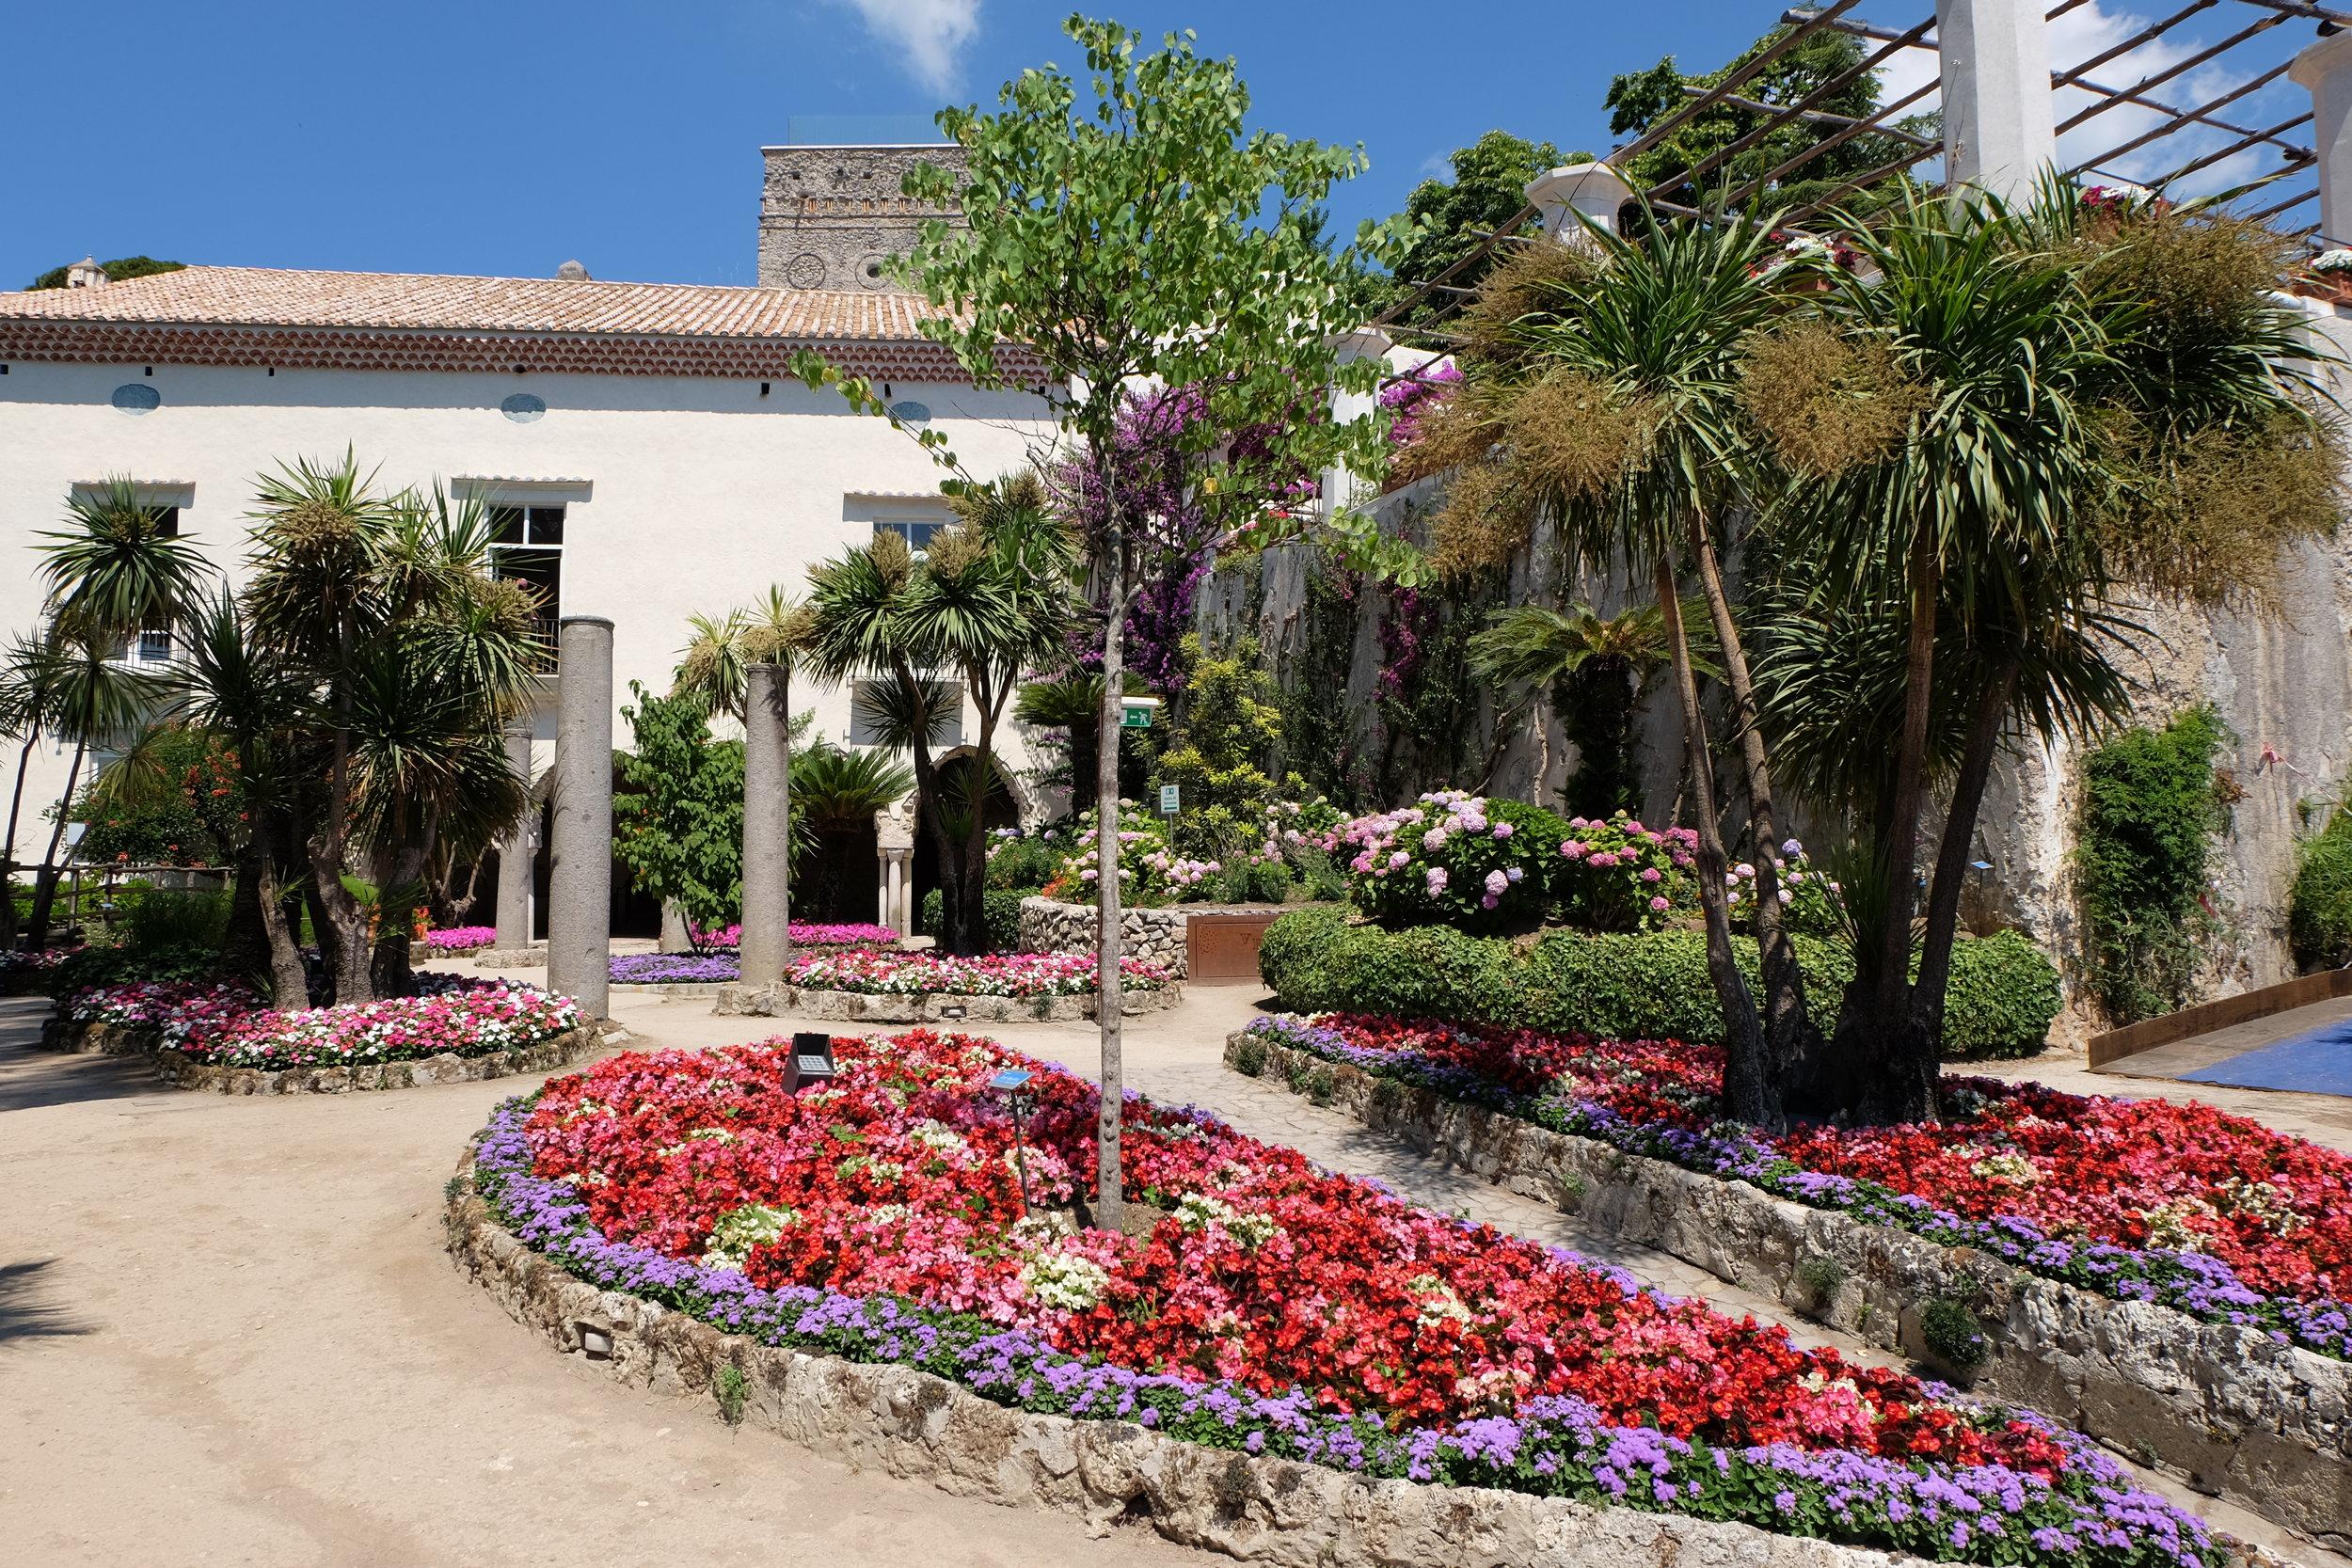 Gardens of the villa.